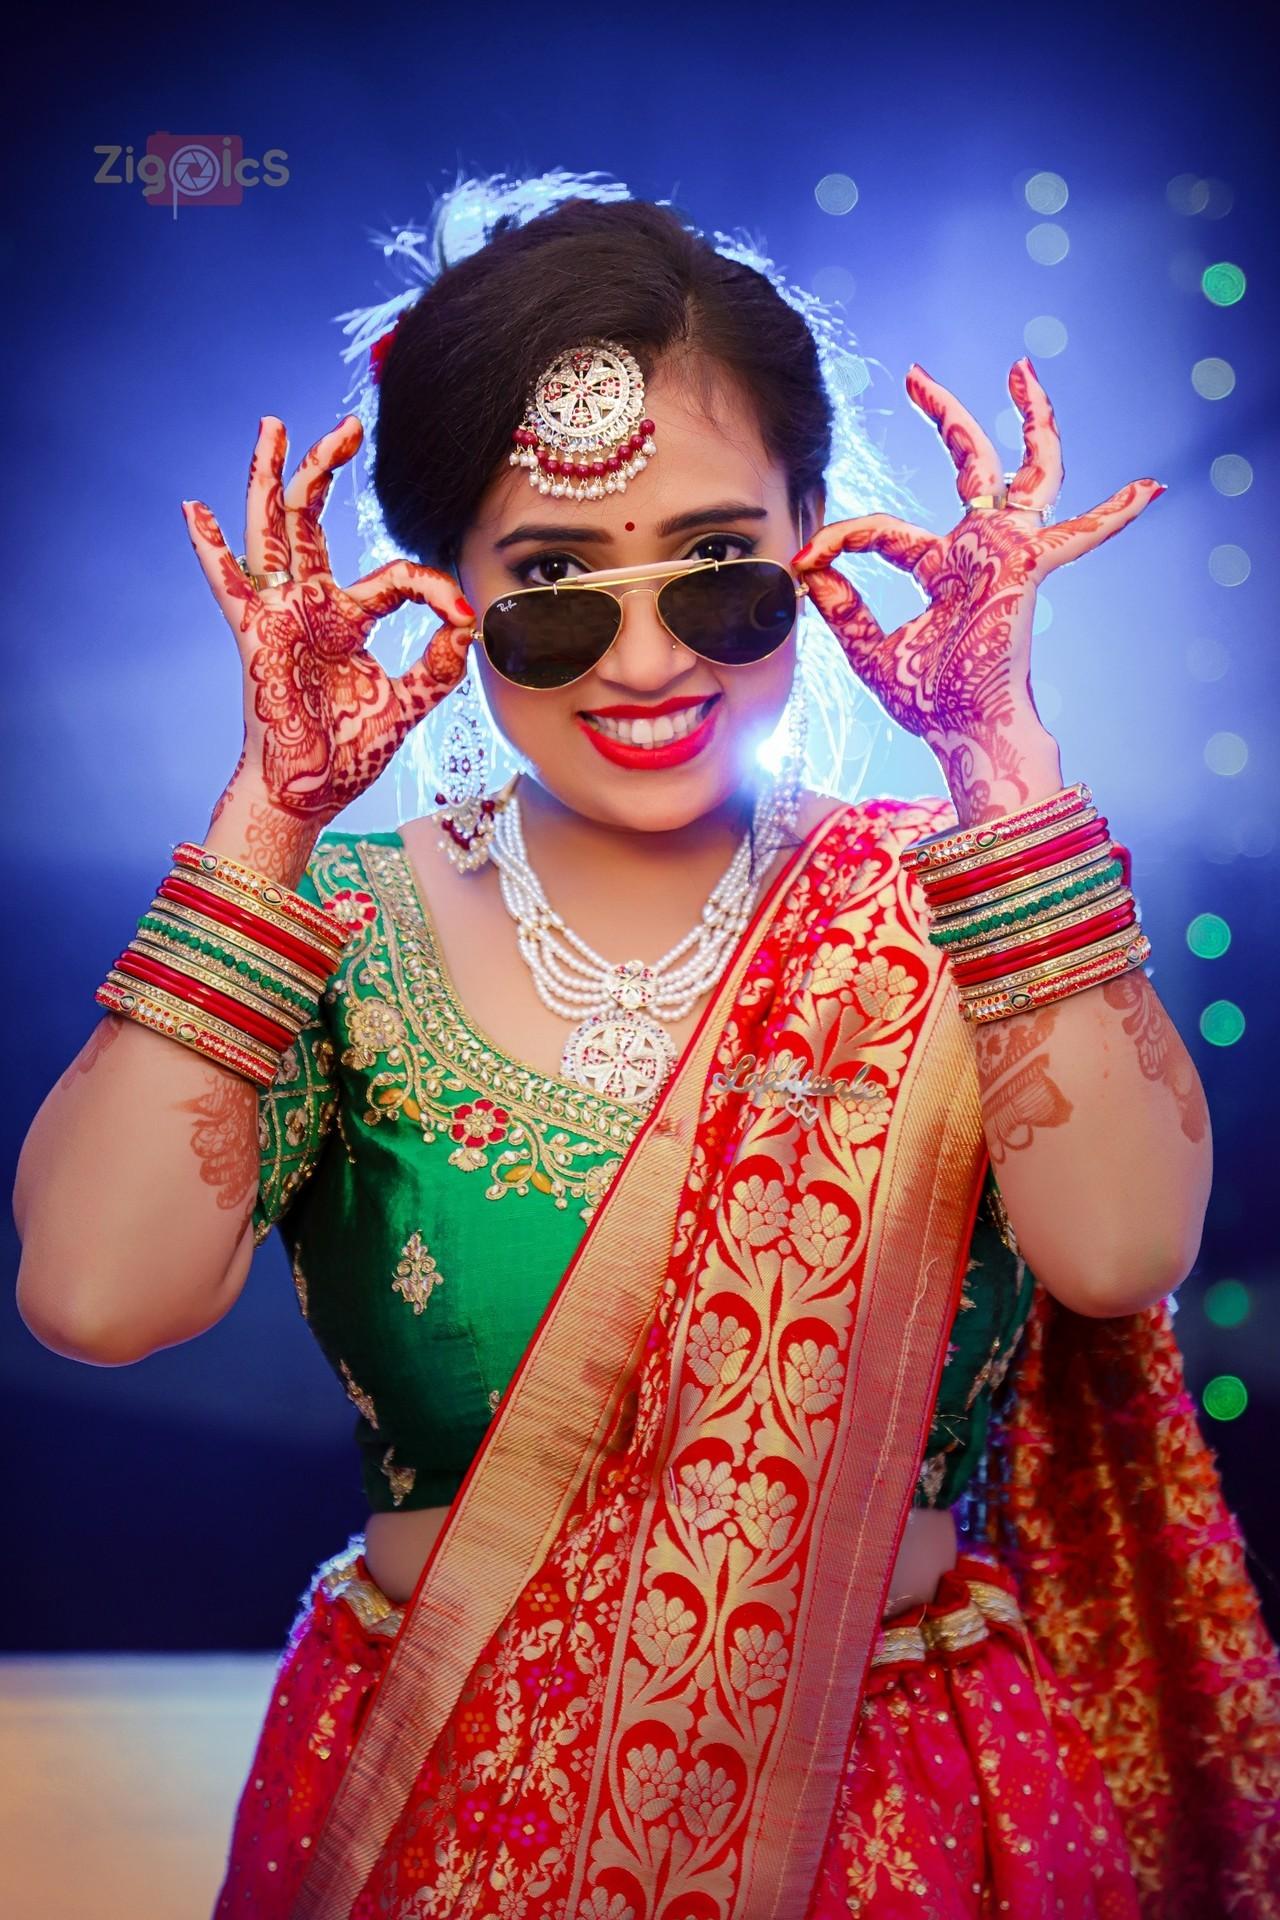 Zigpics-Wedding Photography